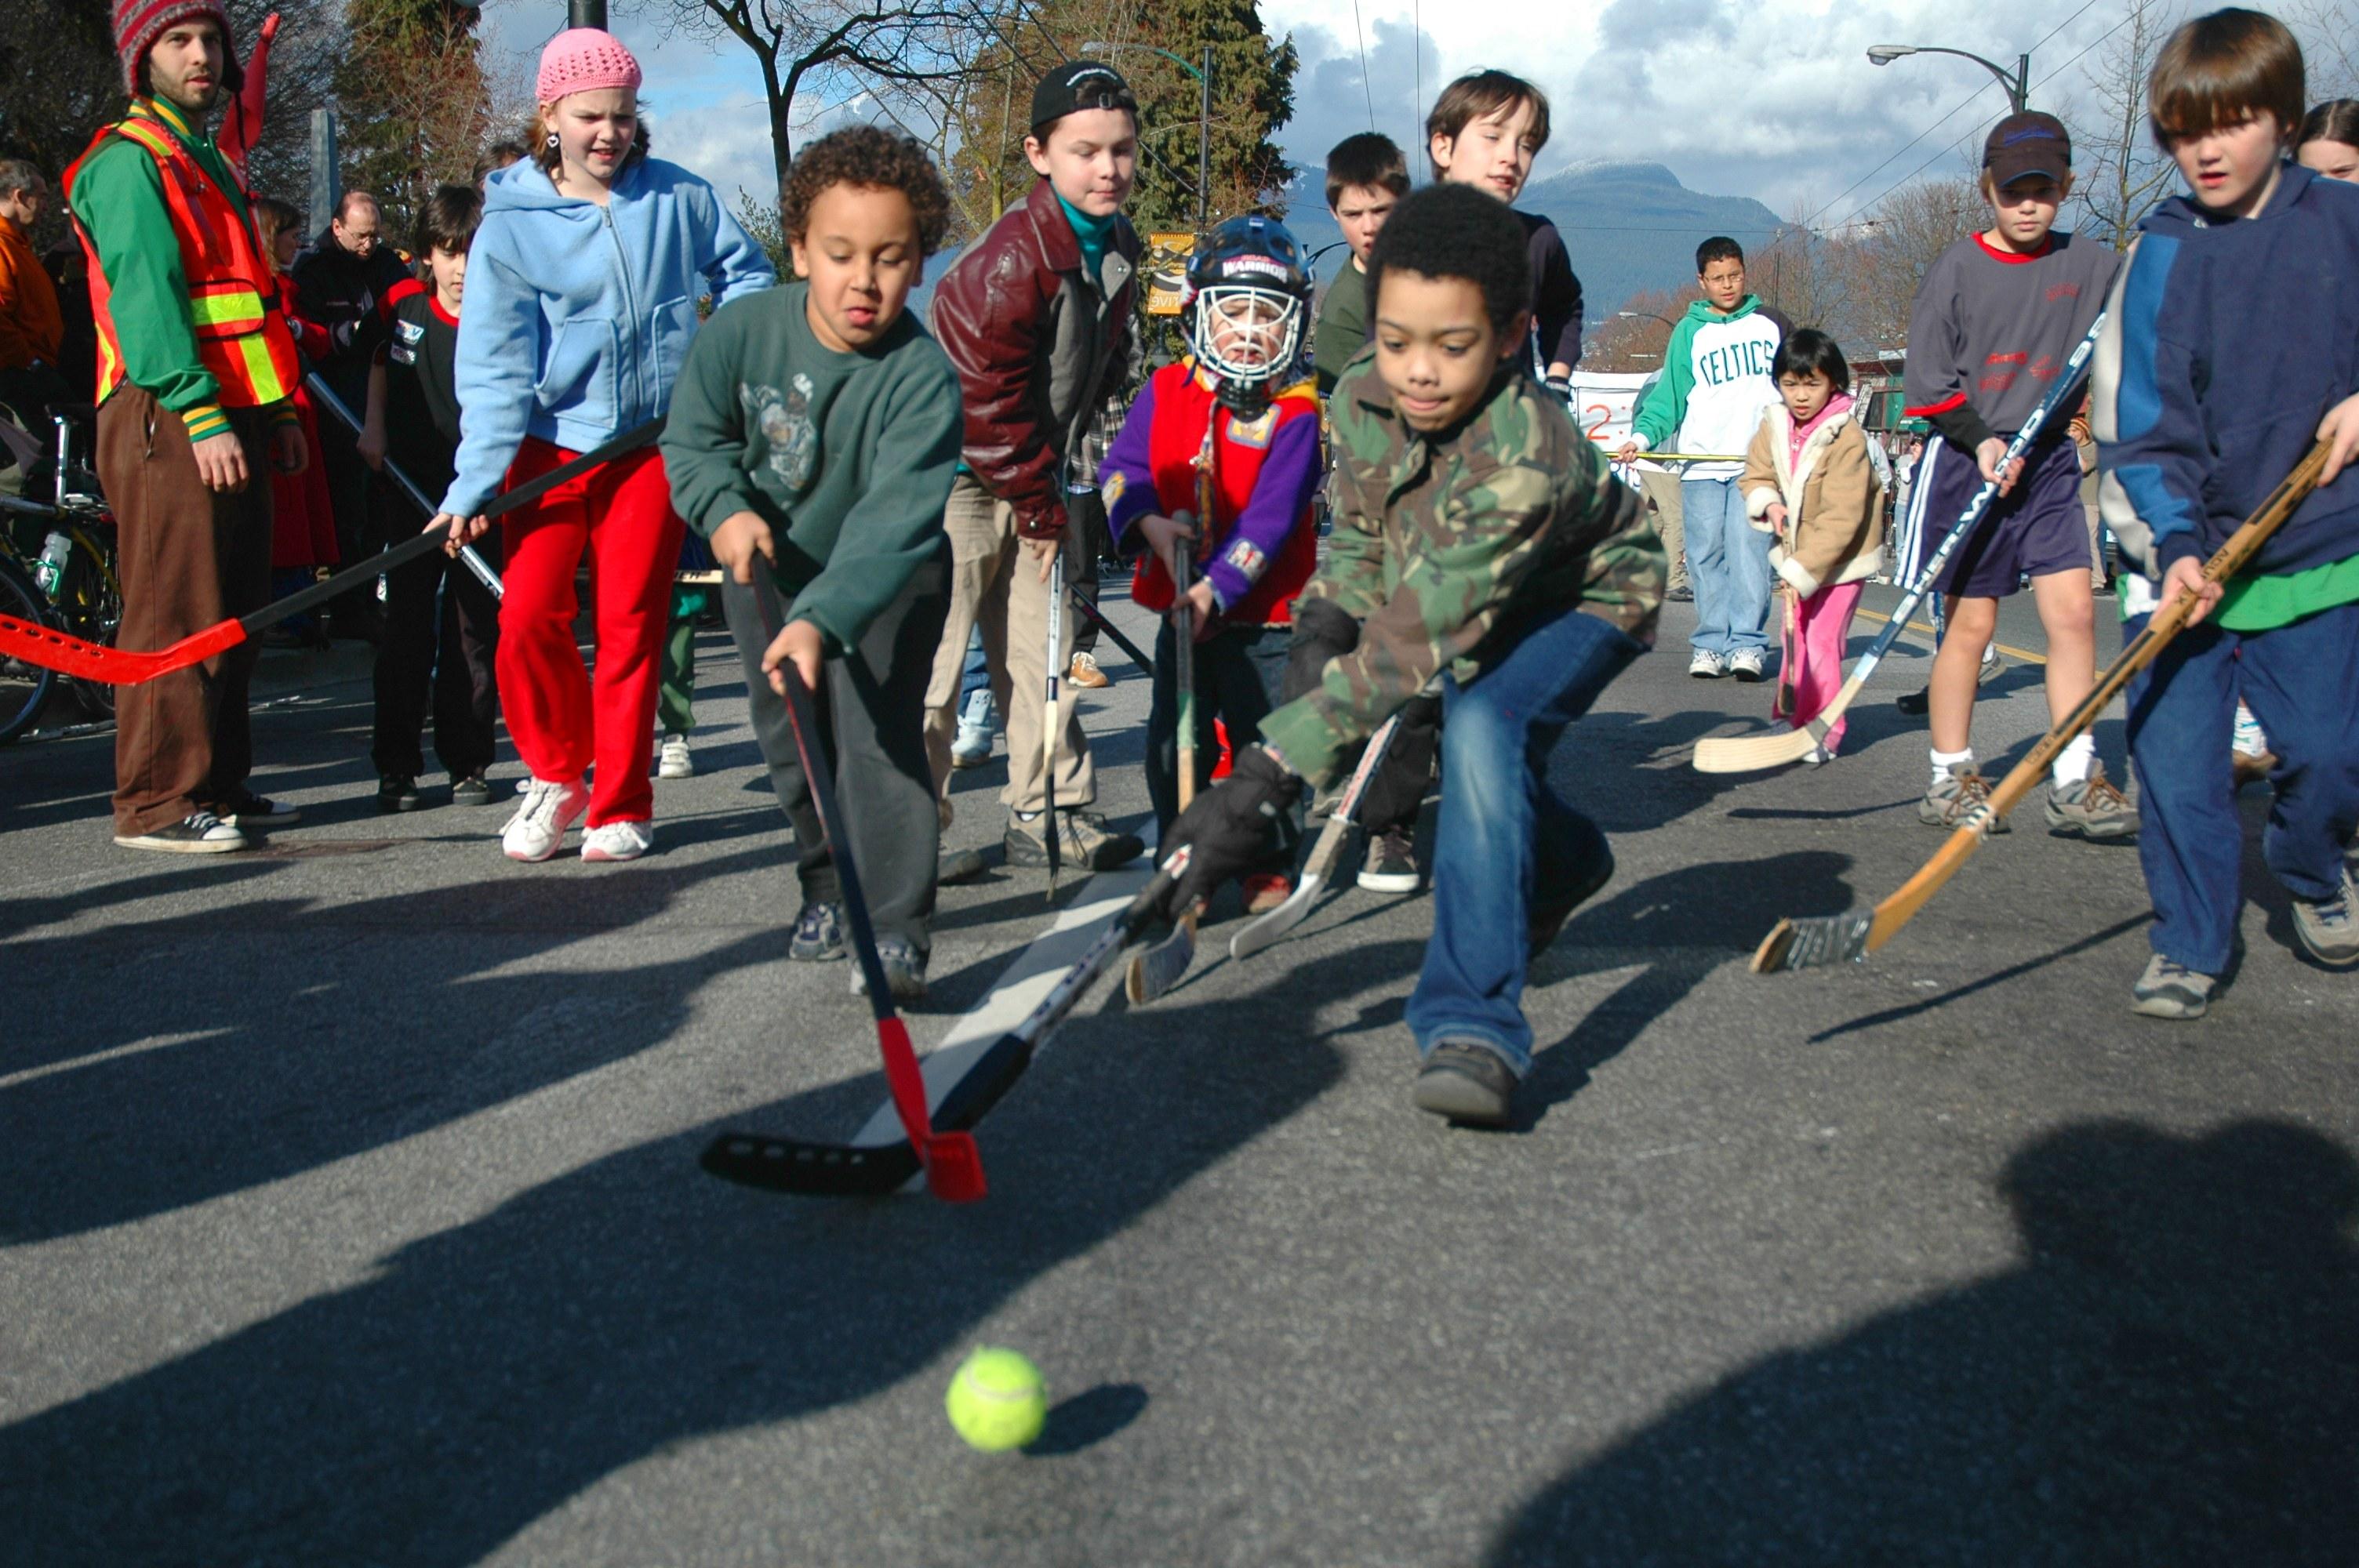 street hockey on pinterest hockey google and small towns